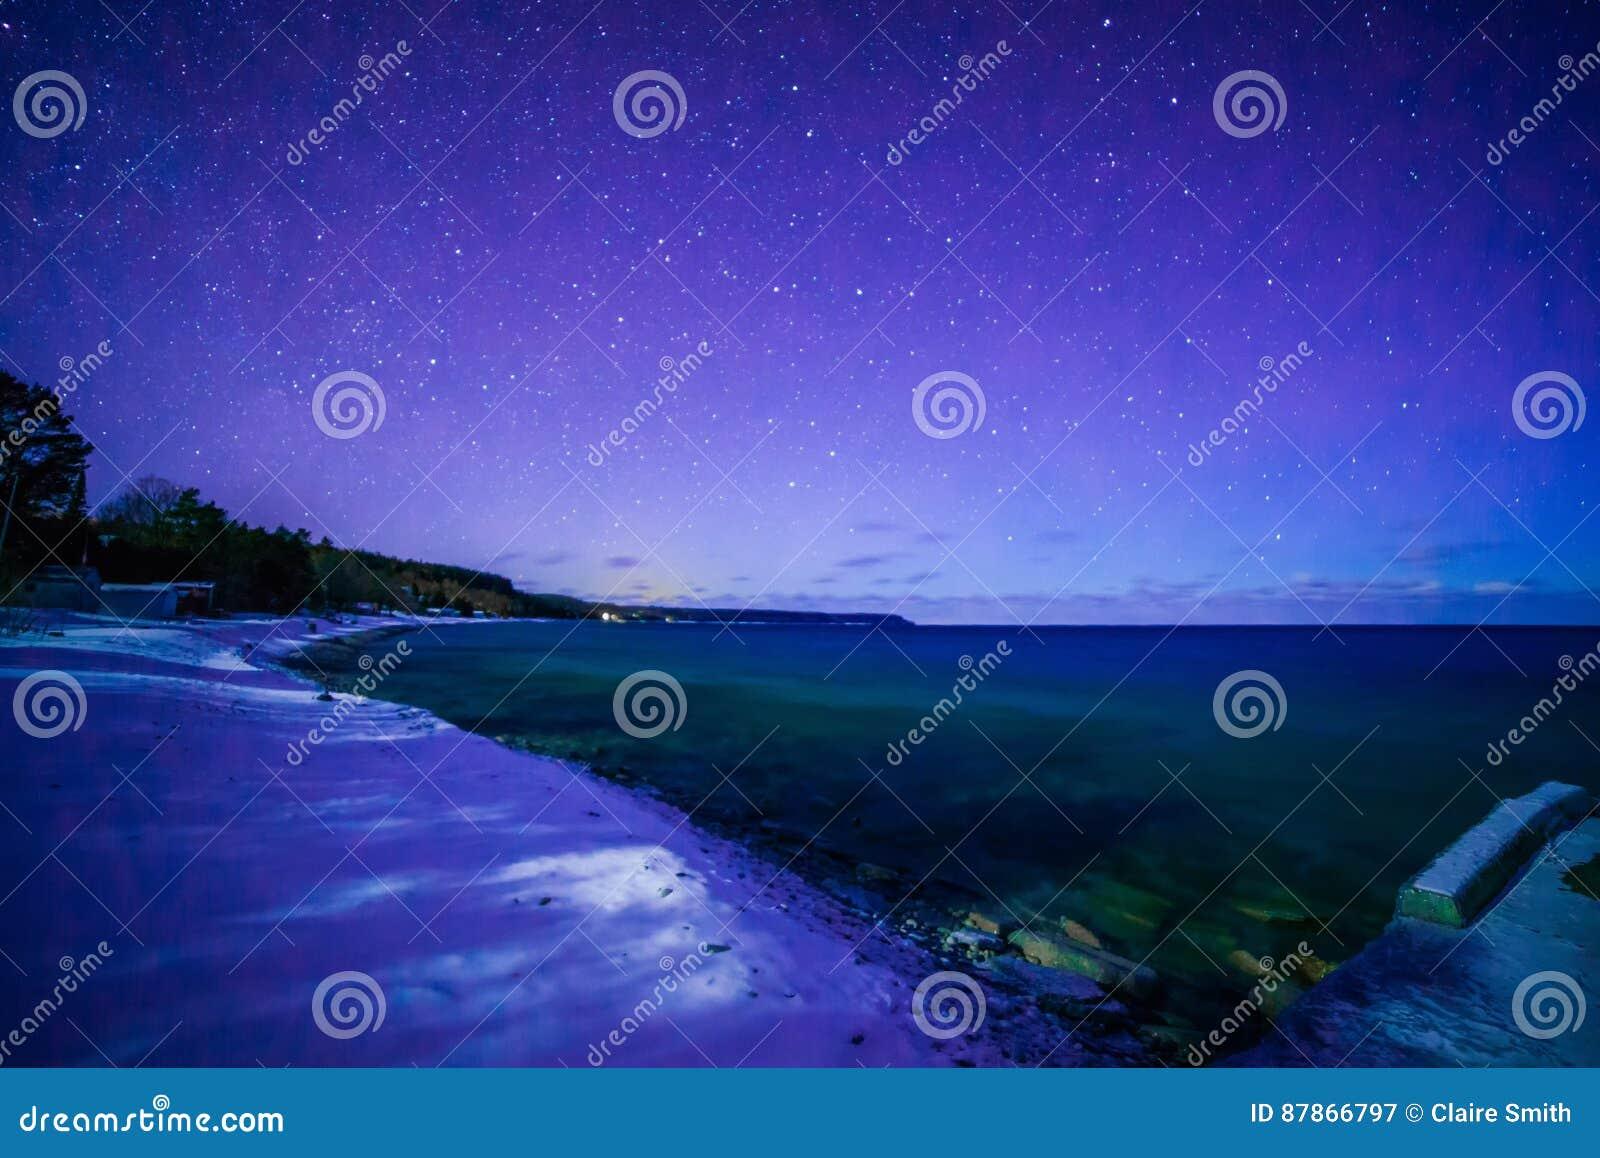 Os tintureiros latem, Bruce Peninsula na noite com Via Látea e estrela